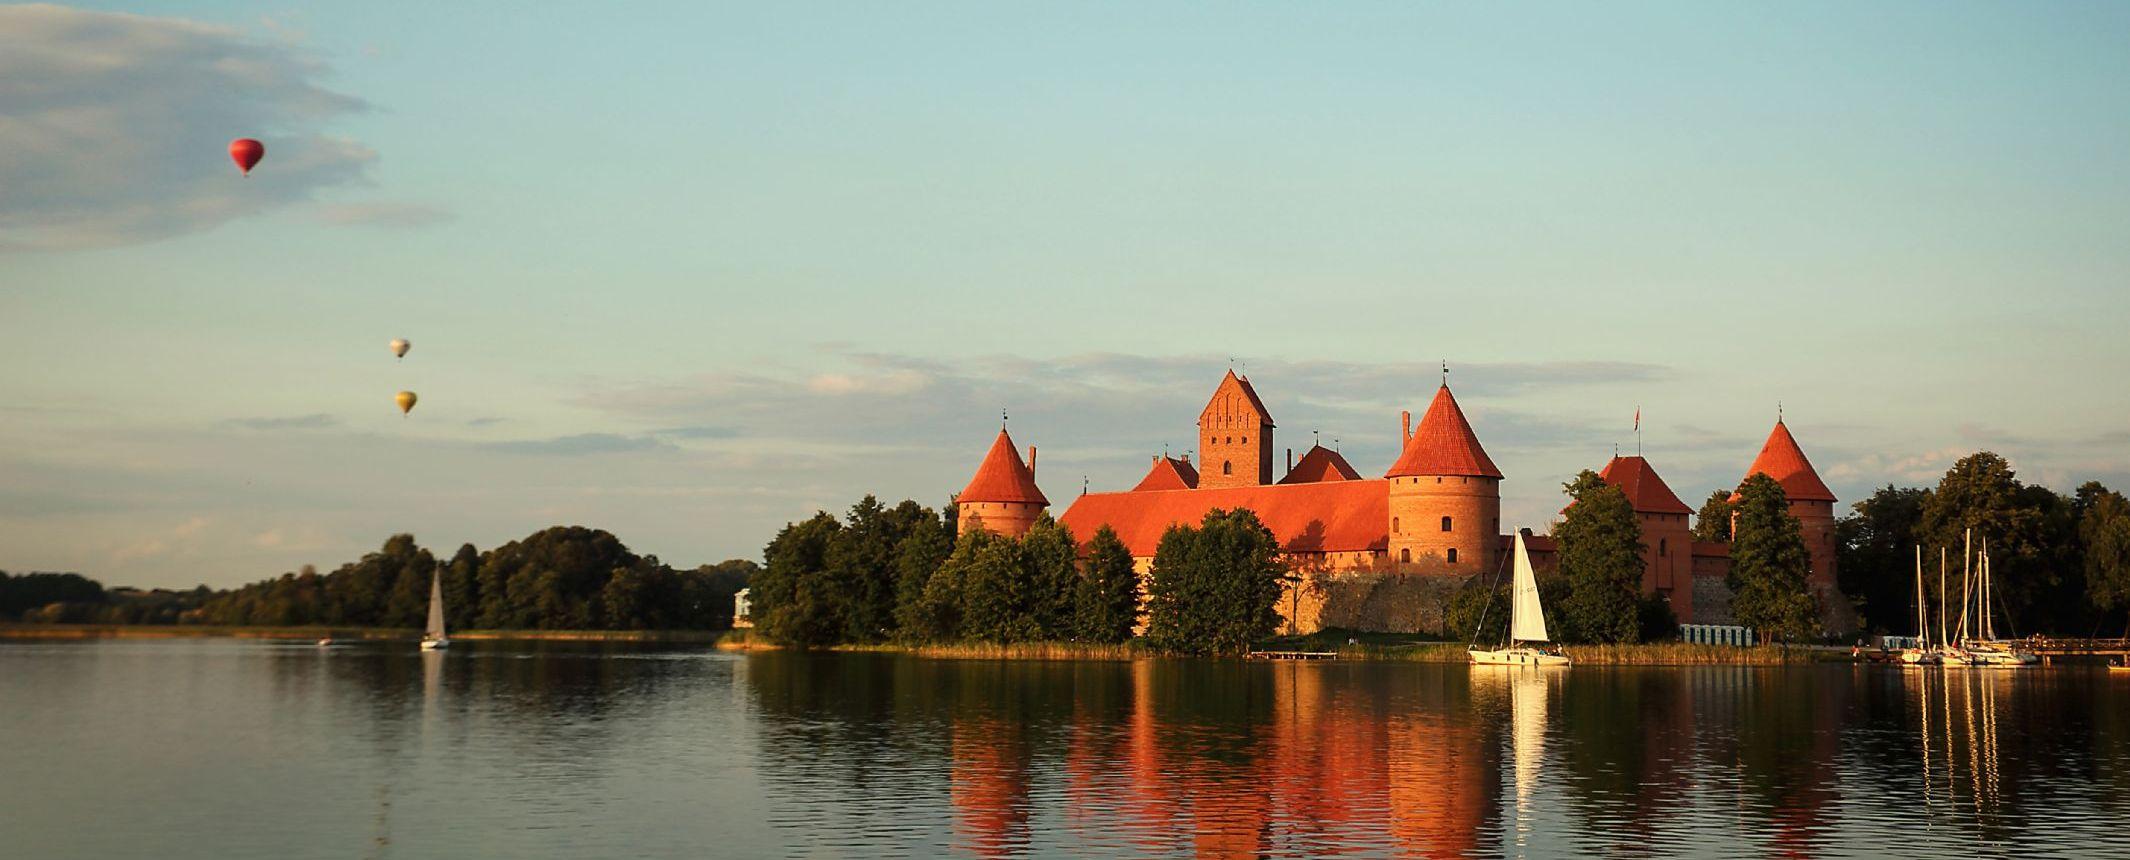 Lituania, Letonia y Estonia - Caminatas por los desconocidos rincones de los países bálticos